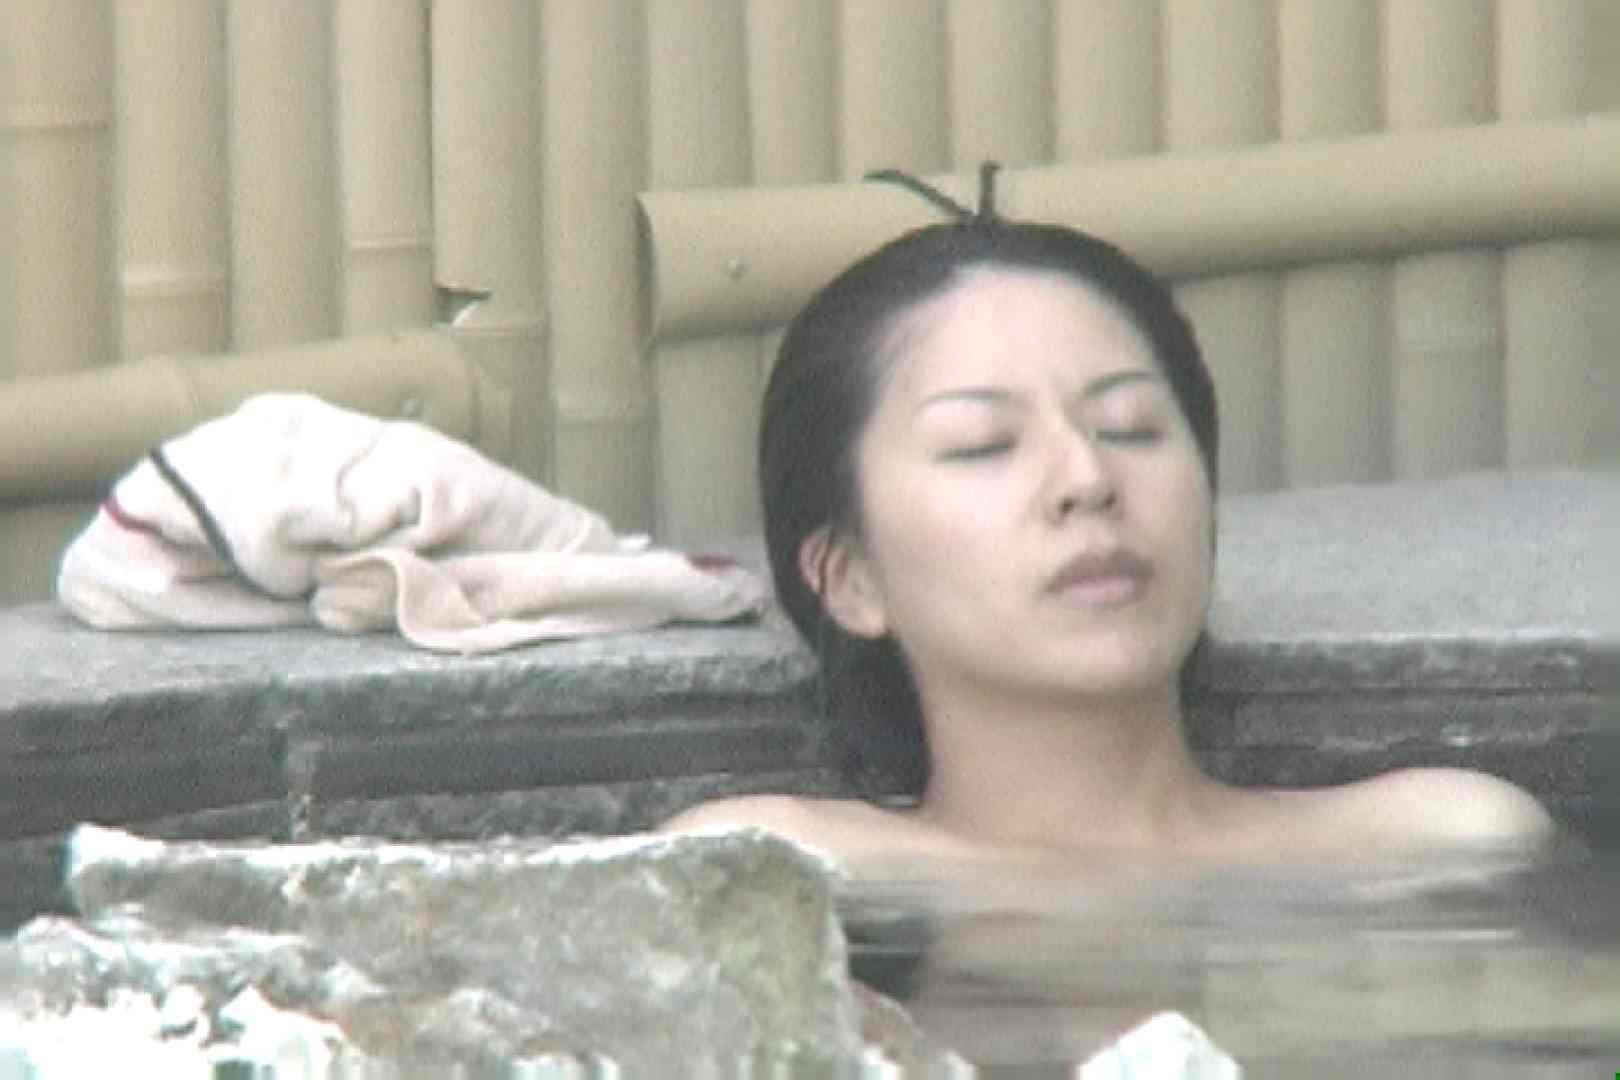 Aquaな露天風呂Vol.694 盗撮  110PICs 54